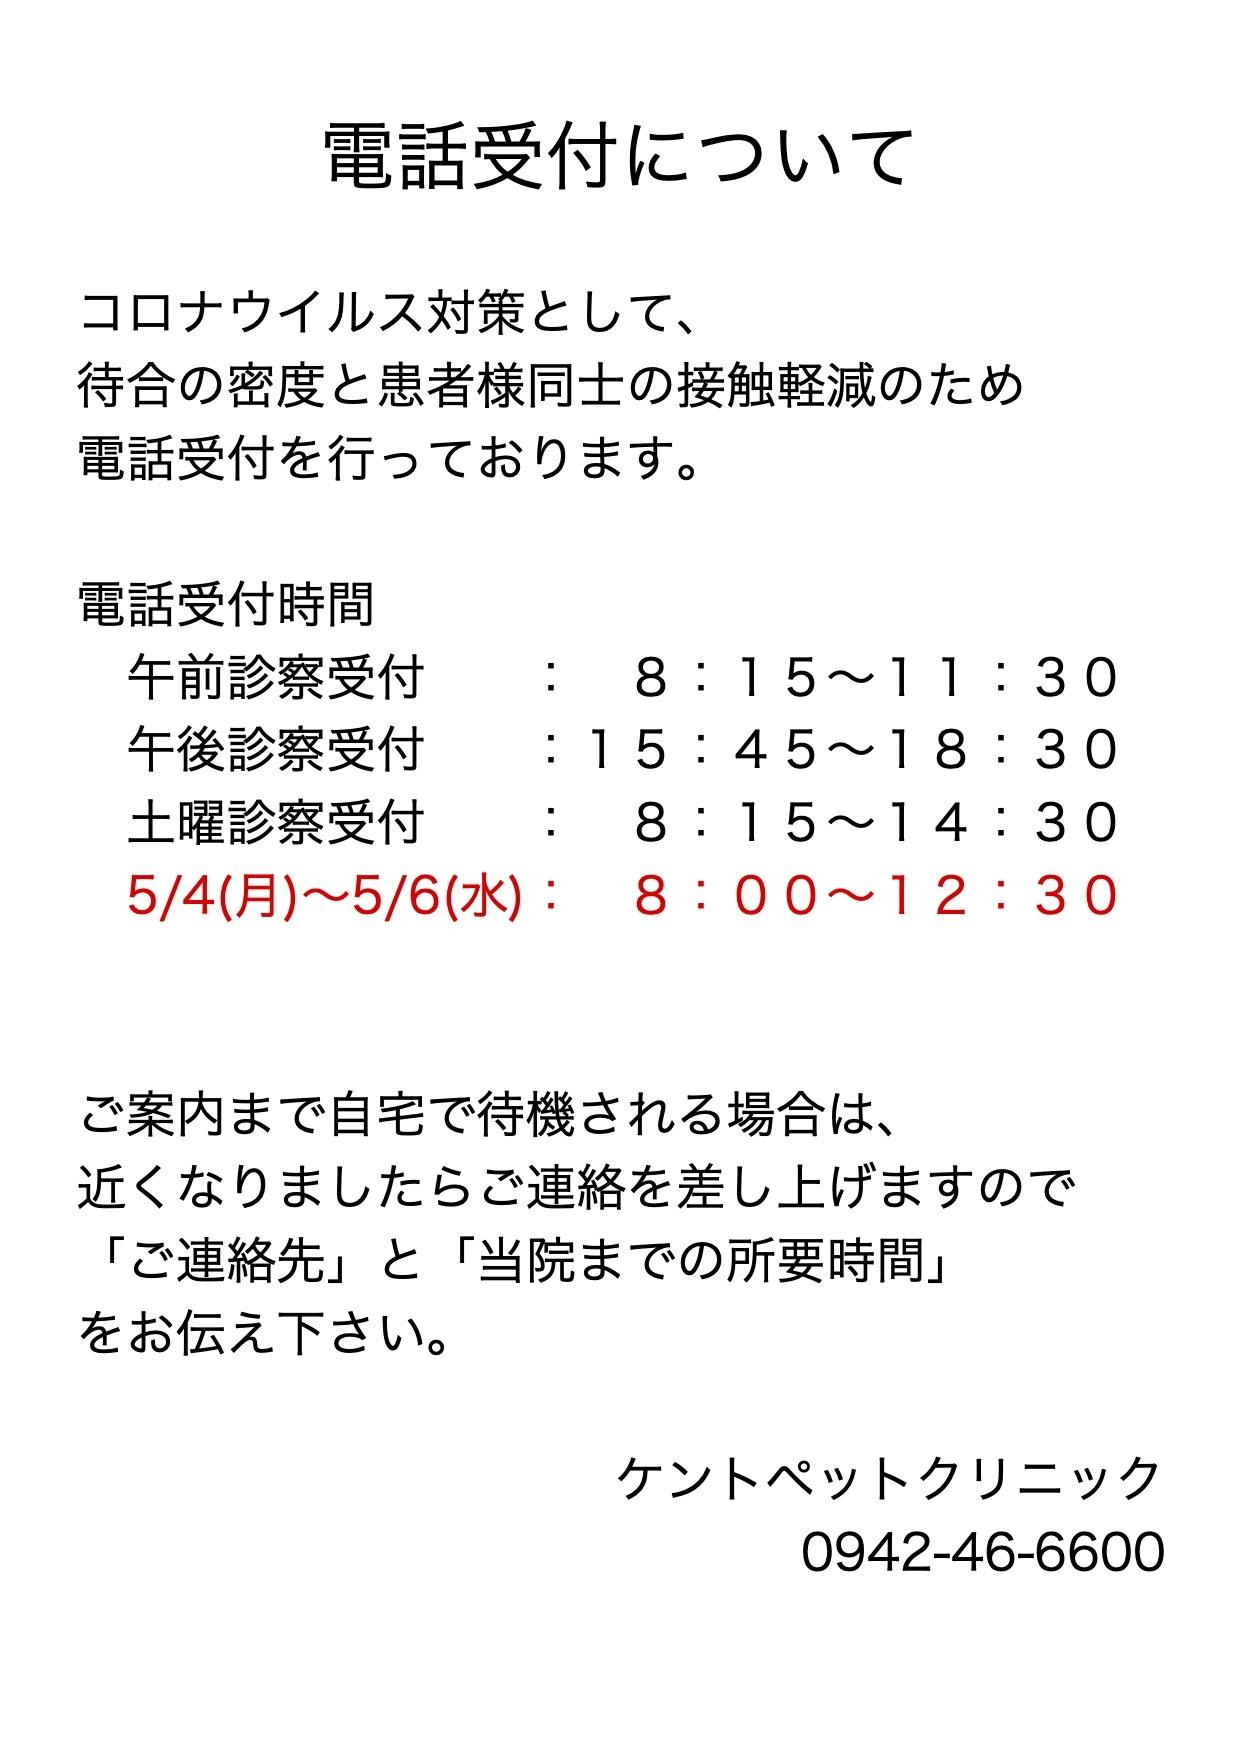 5月の診療時間変更のお知らせ